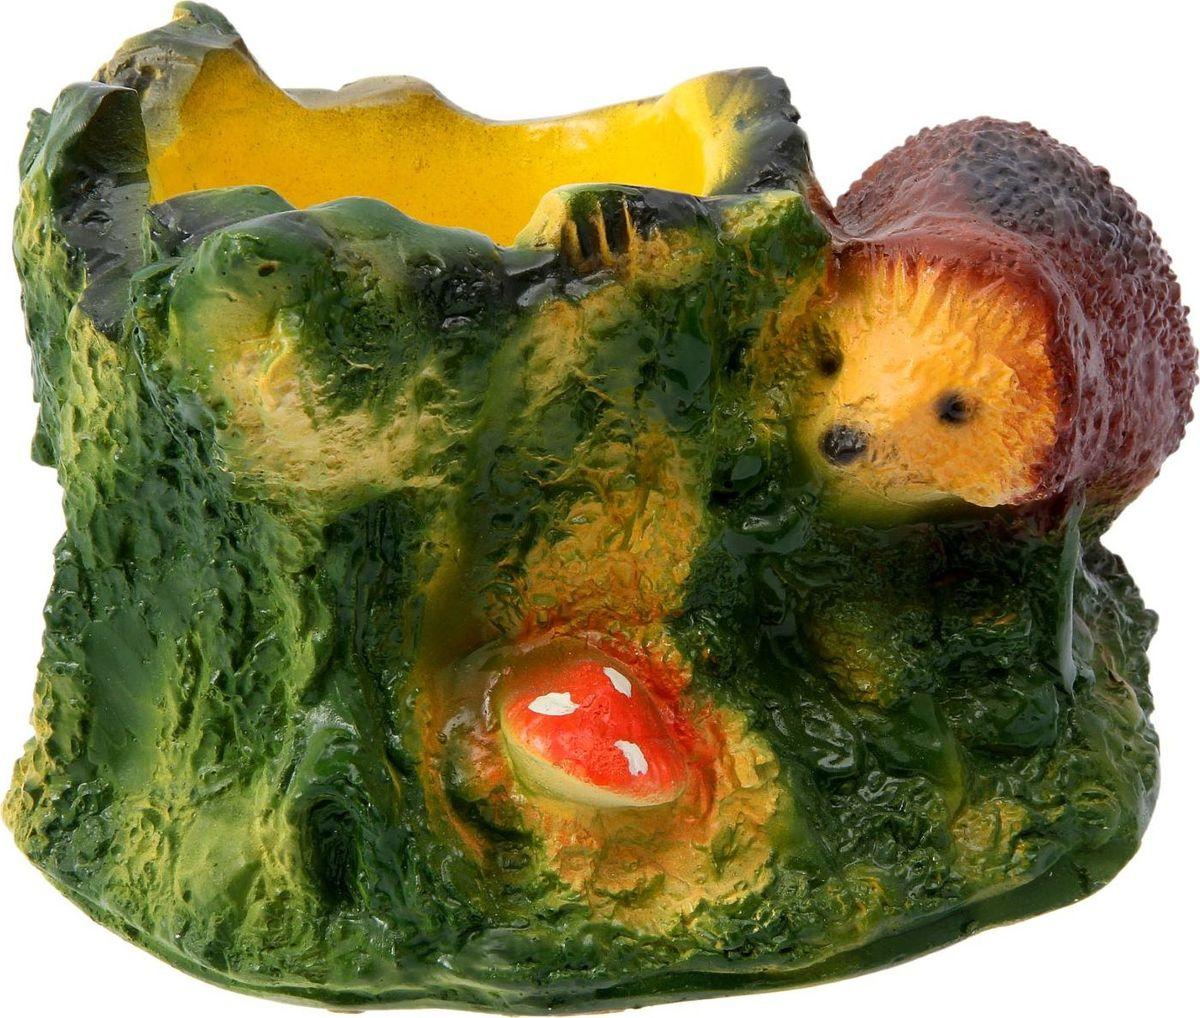 Кашпо Ежик с пнем, 16 х 24 х 14 см1091906Комнатные растения — всеобщие любимцы. Они радуют глаз, насыщают помещение кислородом и украшают пространство. Каждому из растений необходим свой удобный и красивый дом. Поселите зелёного питомца в яркое и оригинальное фигурное кашпо. Выберите подходящую форму для детской, спальни, гостиной, балкона, офиса или террасы. #name# позаботится о растении, украсит окружающее пространство и подчеркнёт его оригинальный стиль.